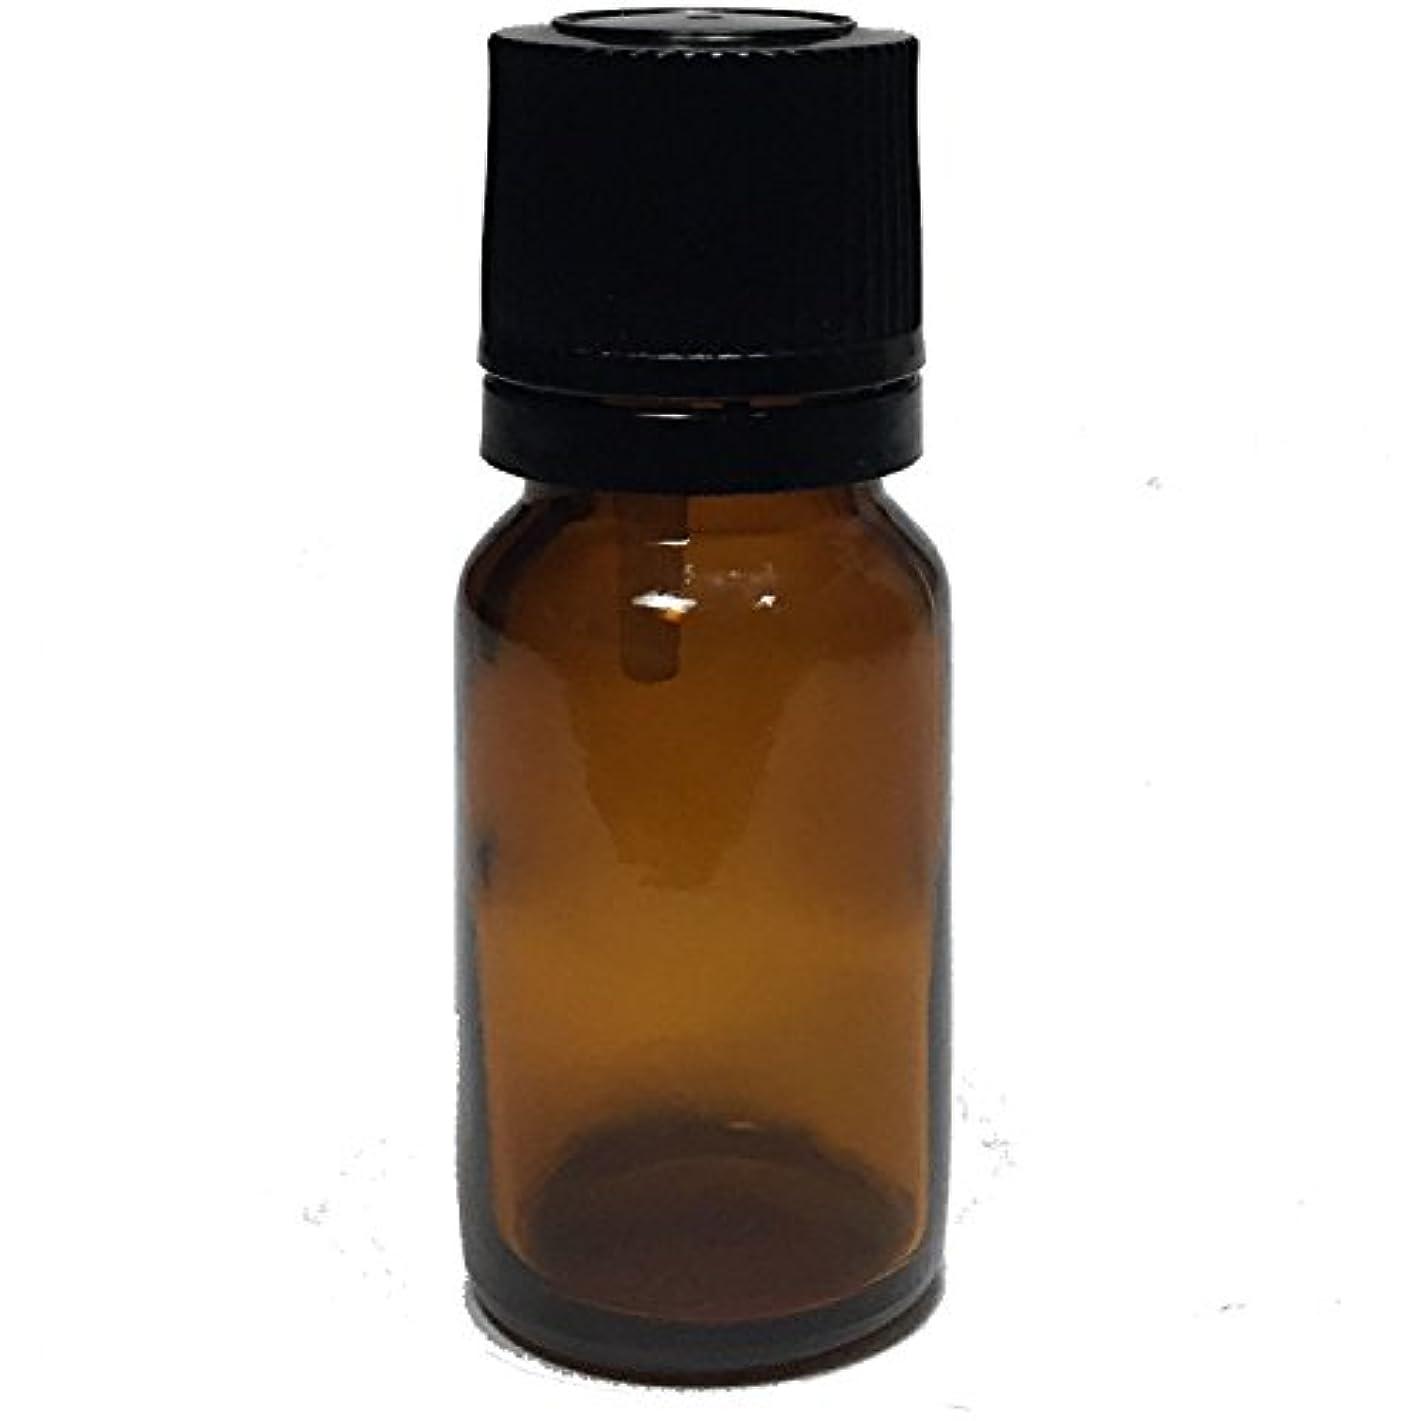 マリン速報懐エッセンシャルオイル用茶色遮光瓶 ドロッパー付き 黒キャップ 10ml ガラスビン 10本セット